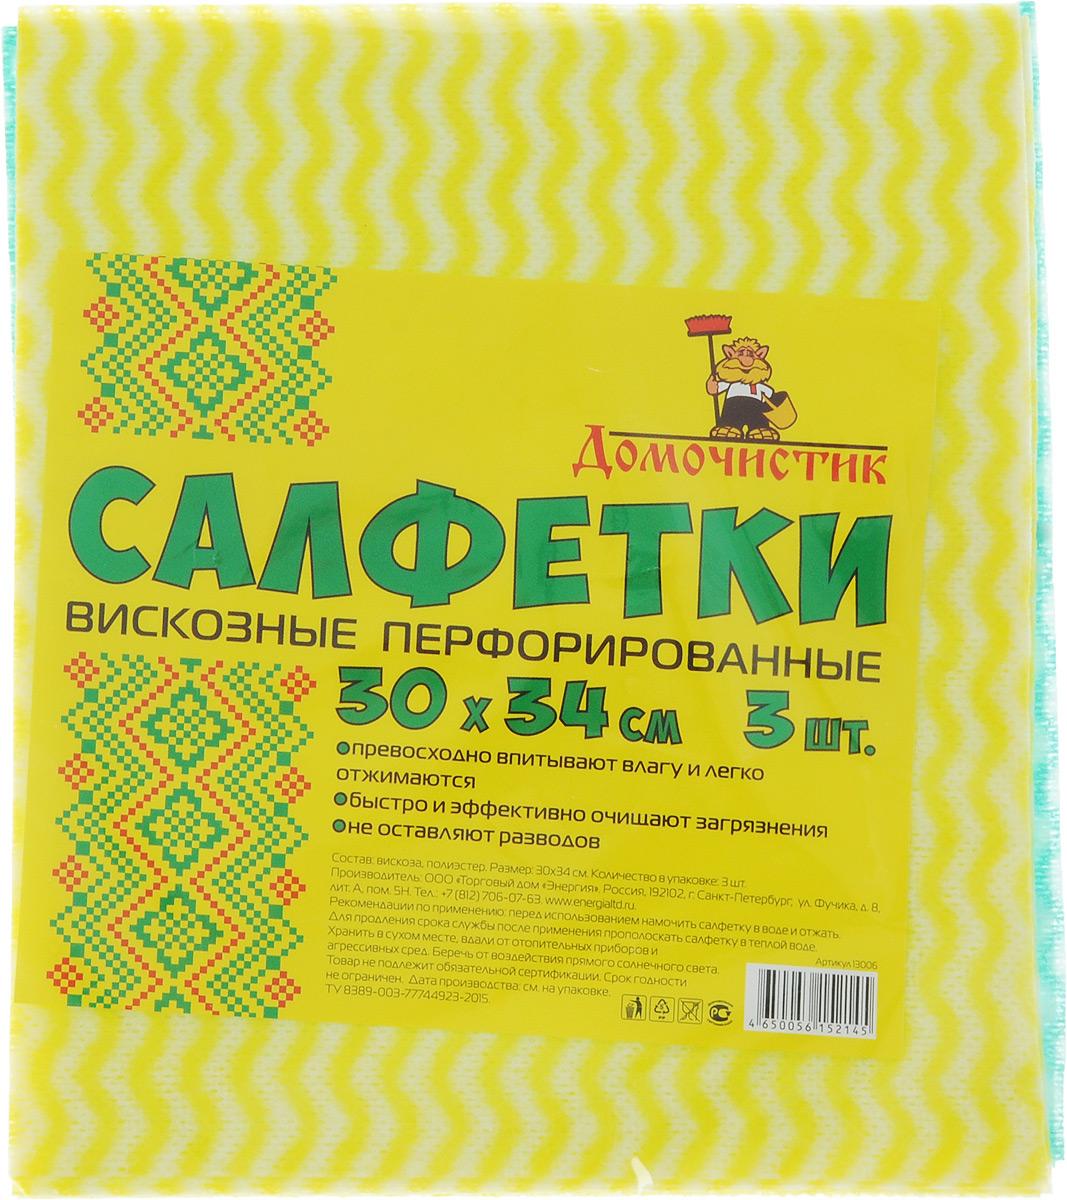 Салфетка для уборки Домочистик из вискозы, перфорированная, цвет: желтый, зеленый, белый, 30 x 34 см, 3 шт. 1300613006_желтый, зелёныйПерфорированные вискозные салфетки для уборки Домочистик превосходно впитывают влагу и легко отжимаются. Быстро и эффективно очищают загрязнения, не оставляют разводов. В комплект входят 3 салфетки.